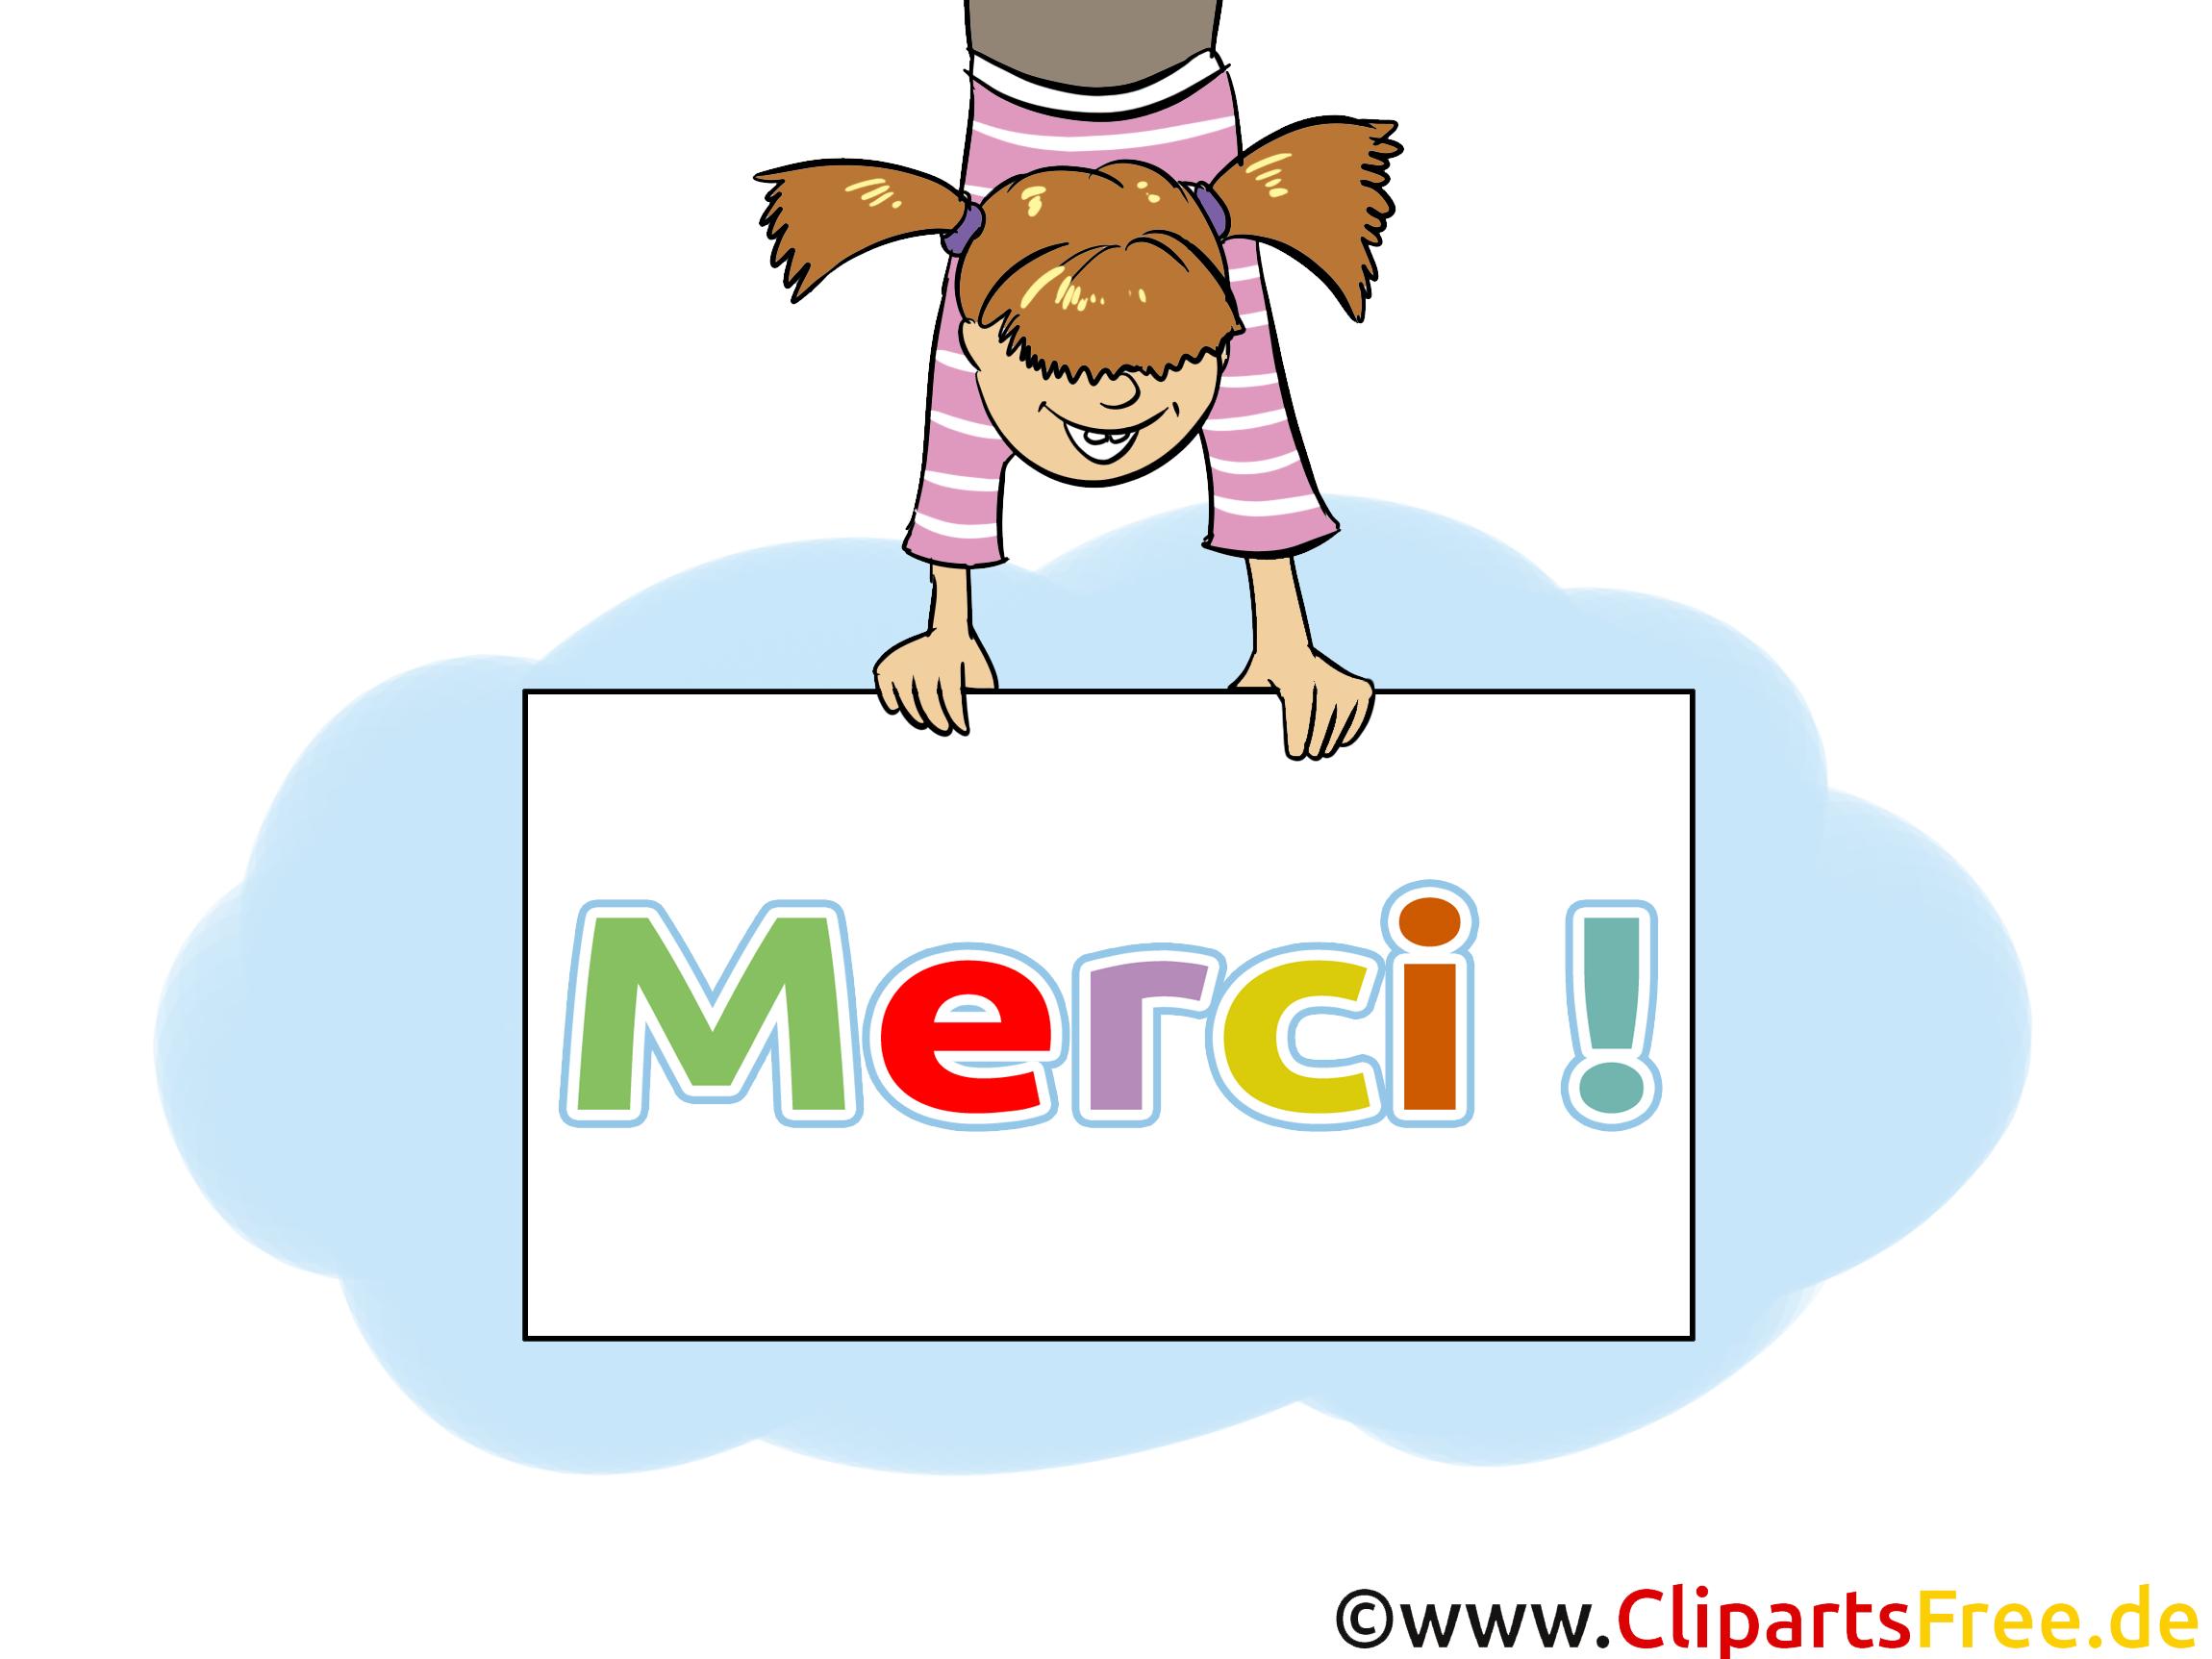 Fille Illustration Gratuite Merci Clipart Merci Dessin Picture Image Graphic Clip Art Telecharger Gratuit